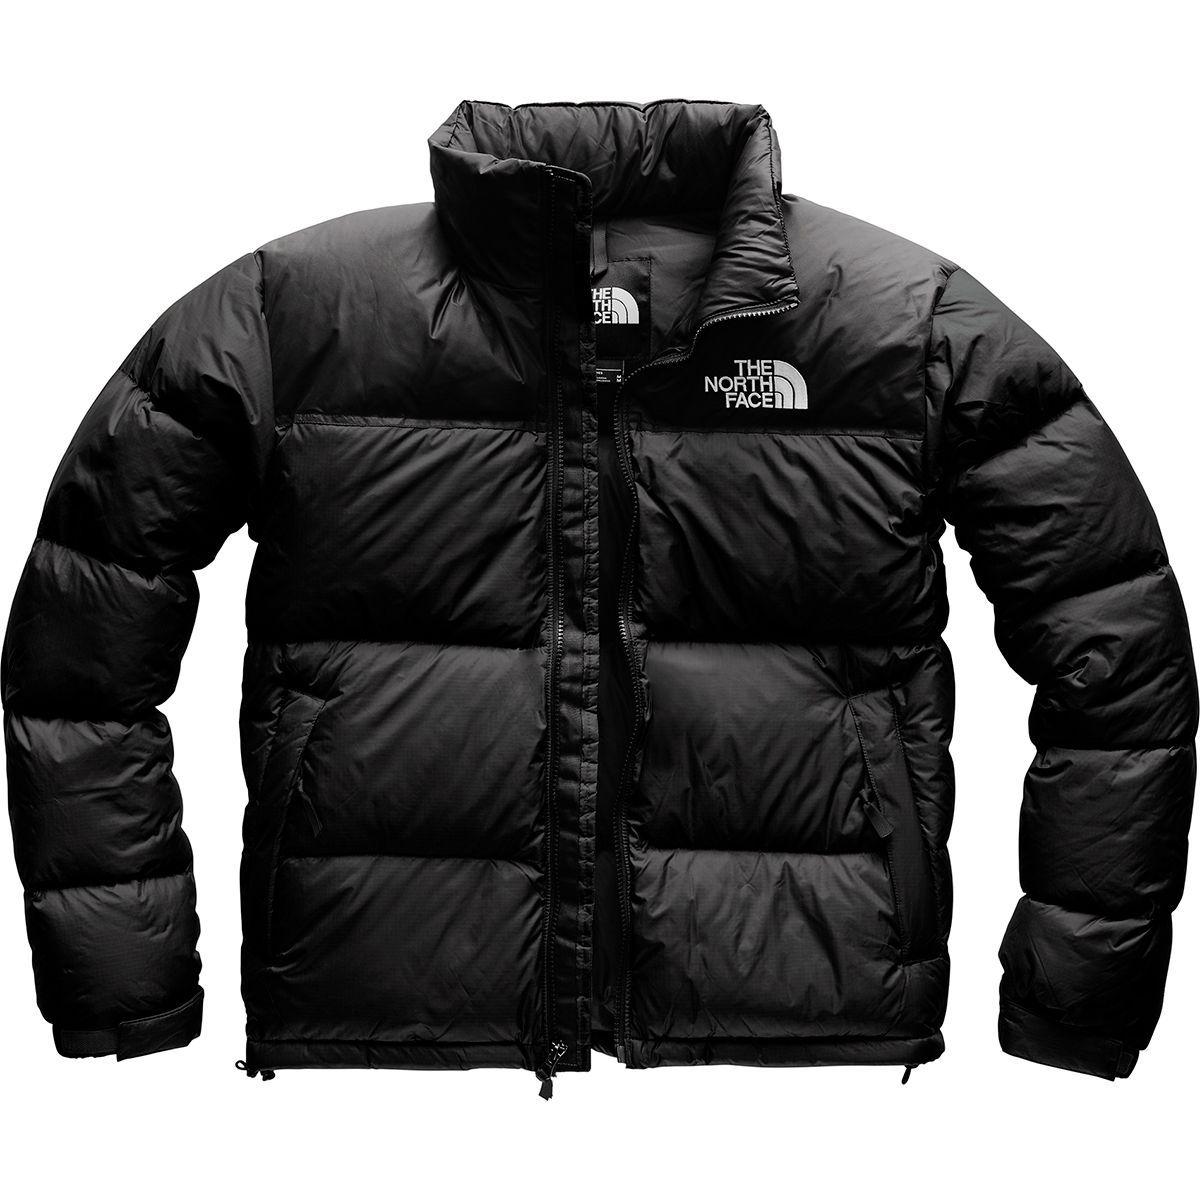 1996 Retro Nuptse Jacket Men S Retro Nuptse Jacket 1996 Retro Nuptse Jacket North Face Puffer Jacket [ 1200 x 1200 Pixel ]